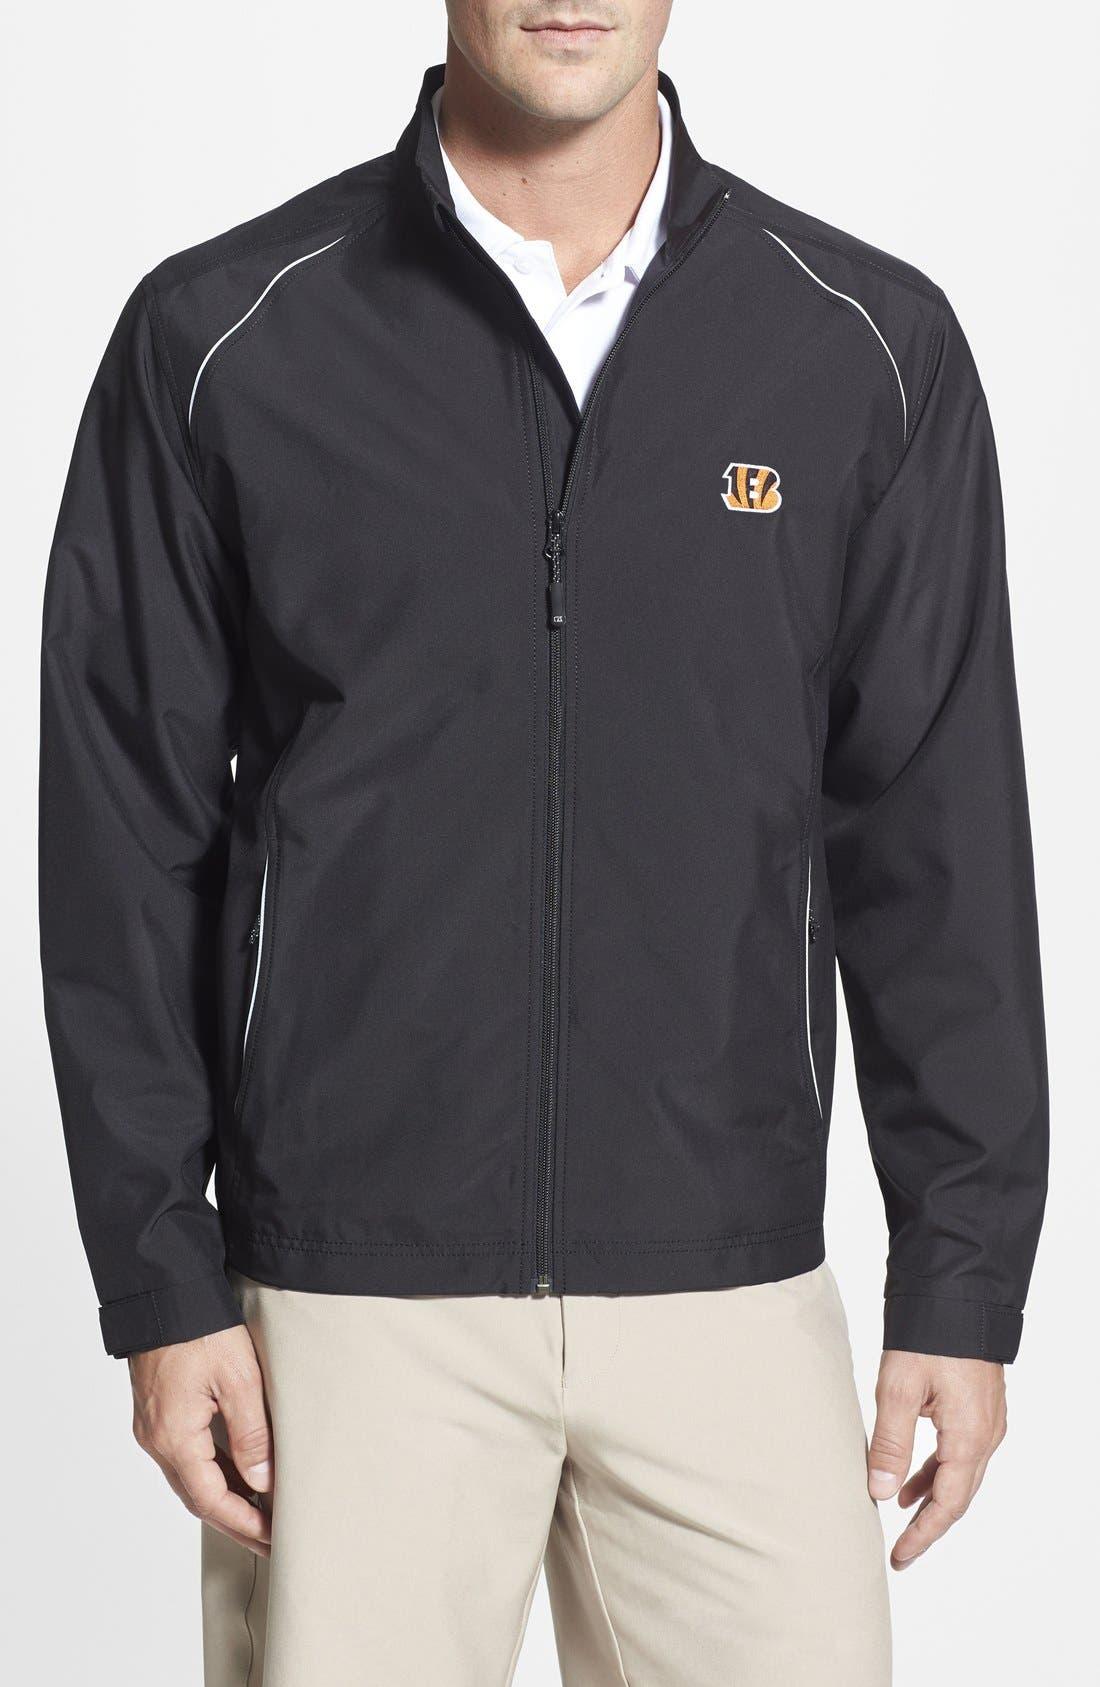 'Cincinnati Bengals - Beacon' WeatherTec Wind & Water Resistant Jacket,                         Main,                         color, 001